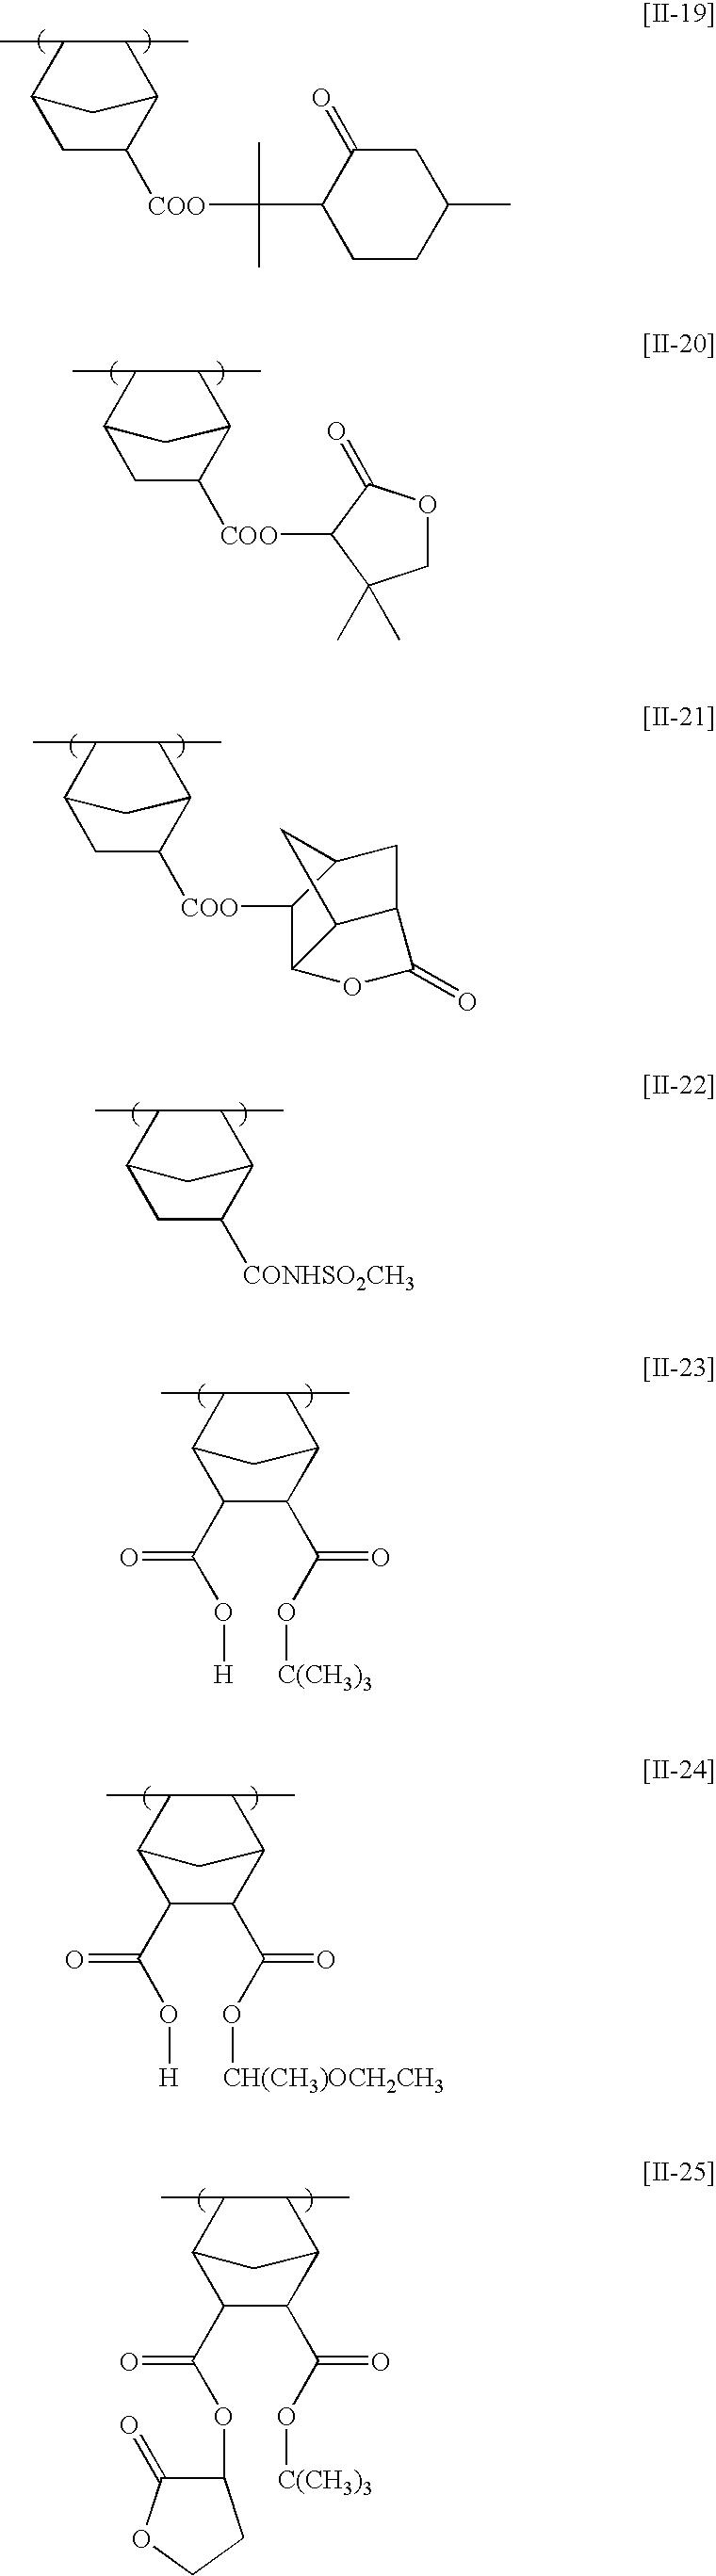 Figure US07960087-20110614-C00020